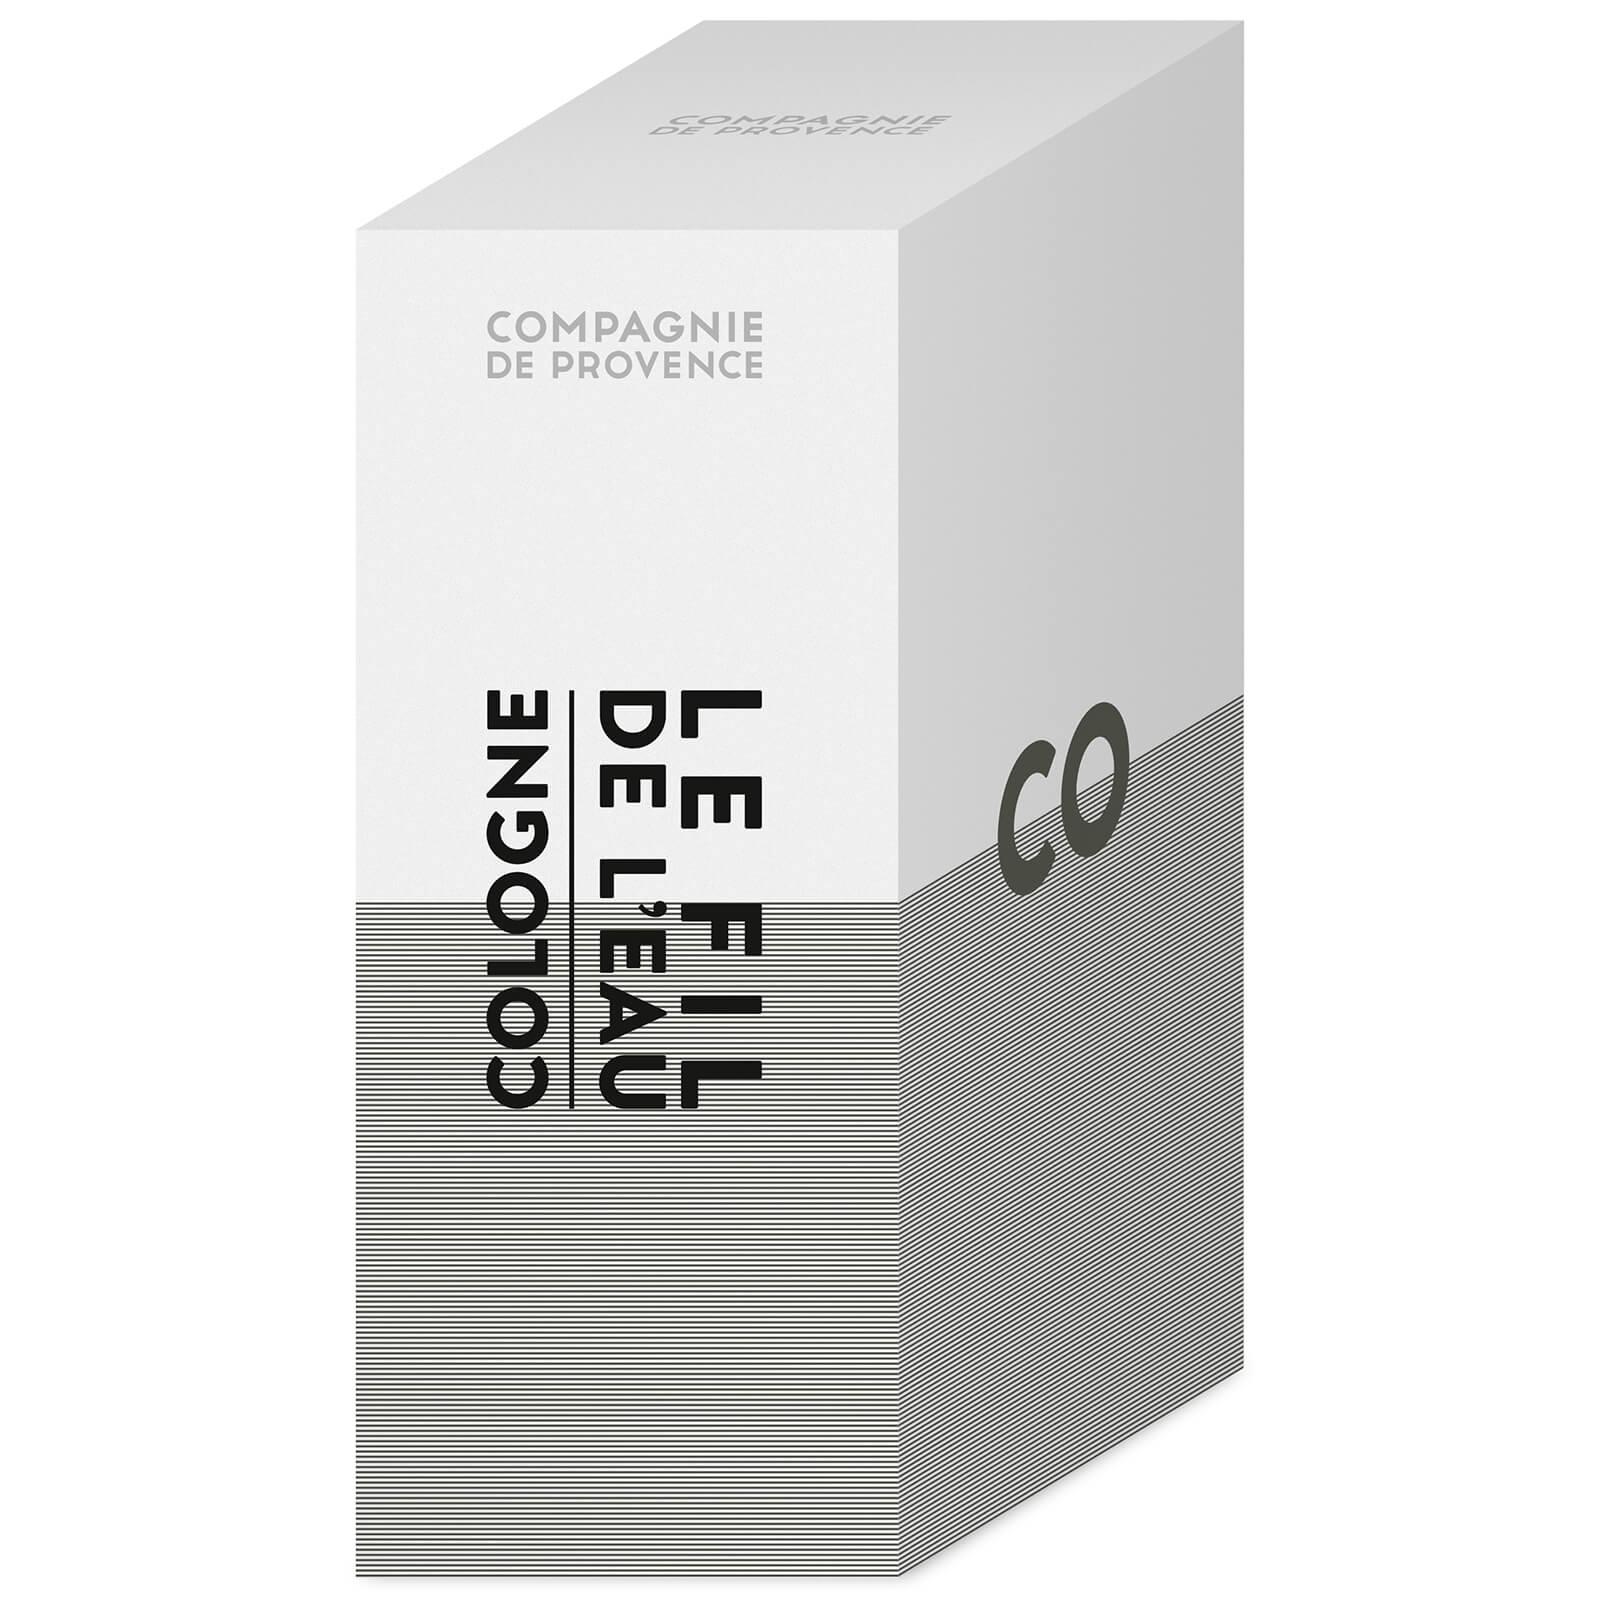 Compagnie de Provence Cologne Le Fil de L'Eau 100ml